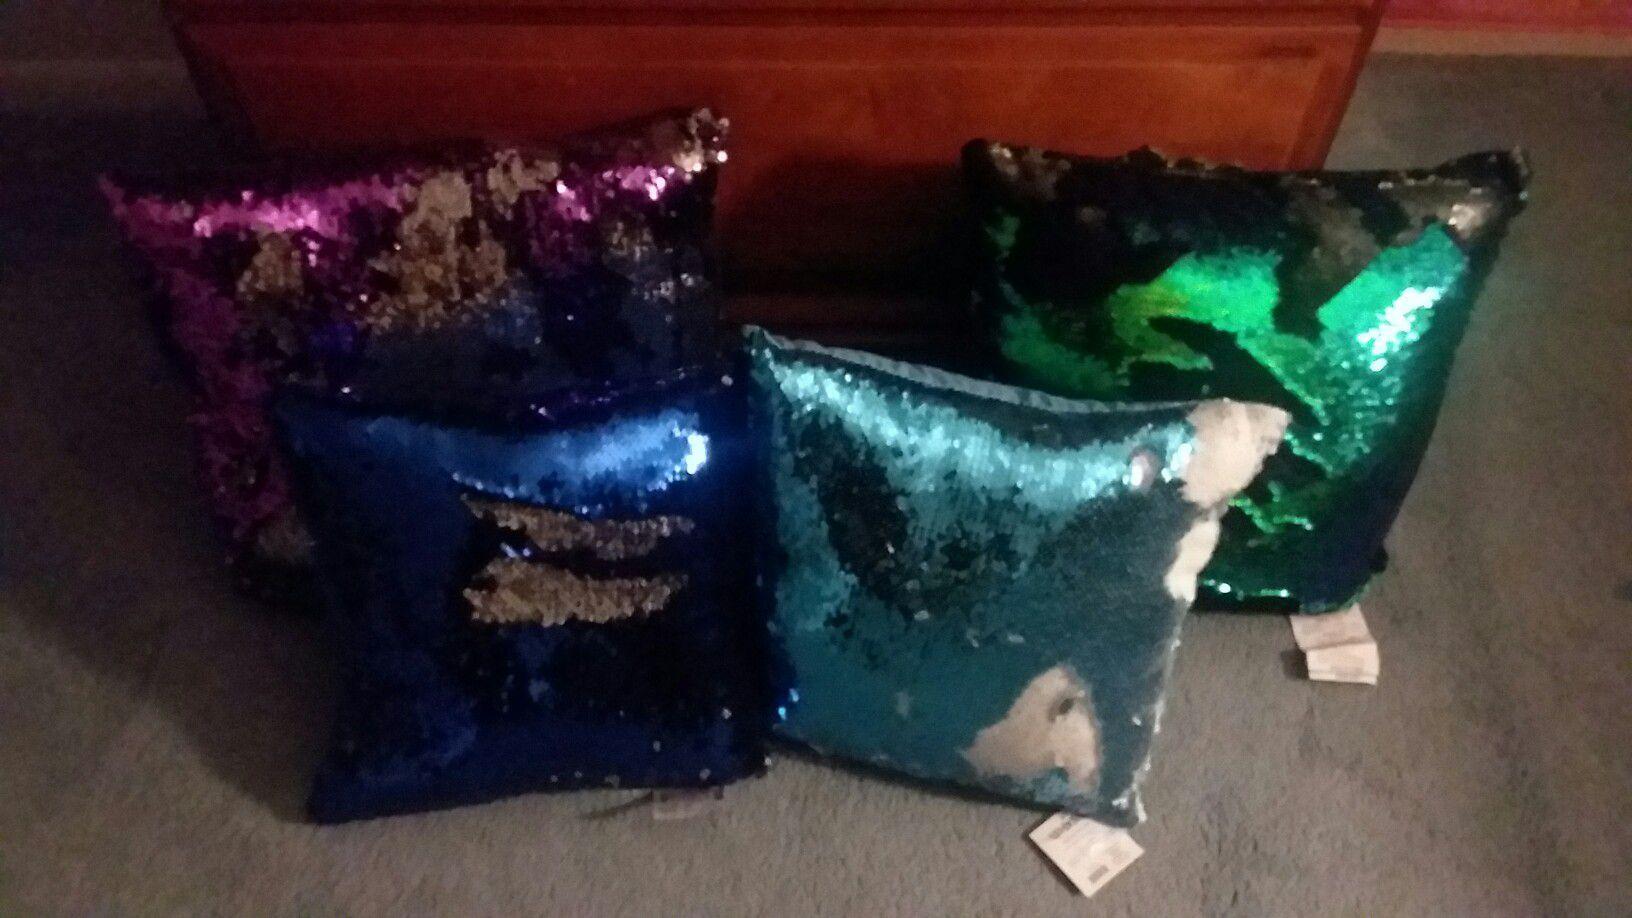 4 sequin pillows